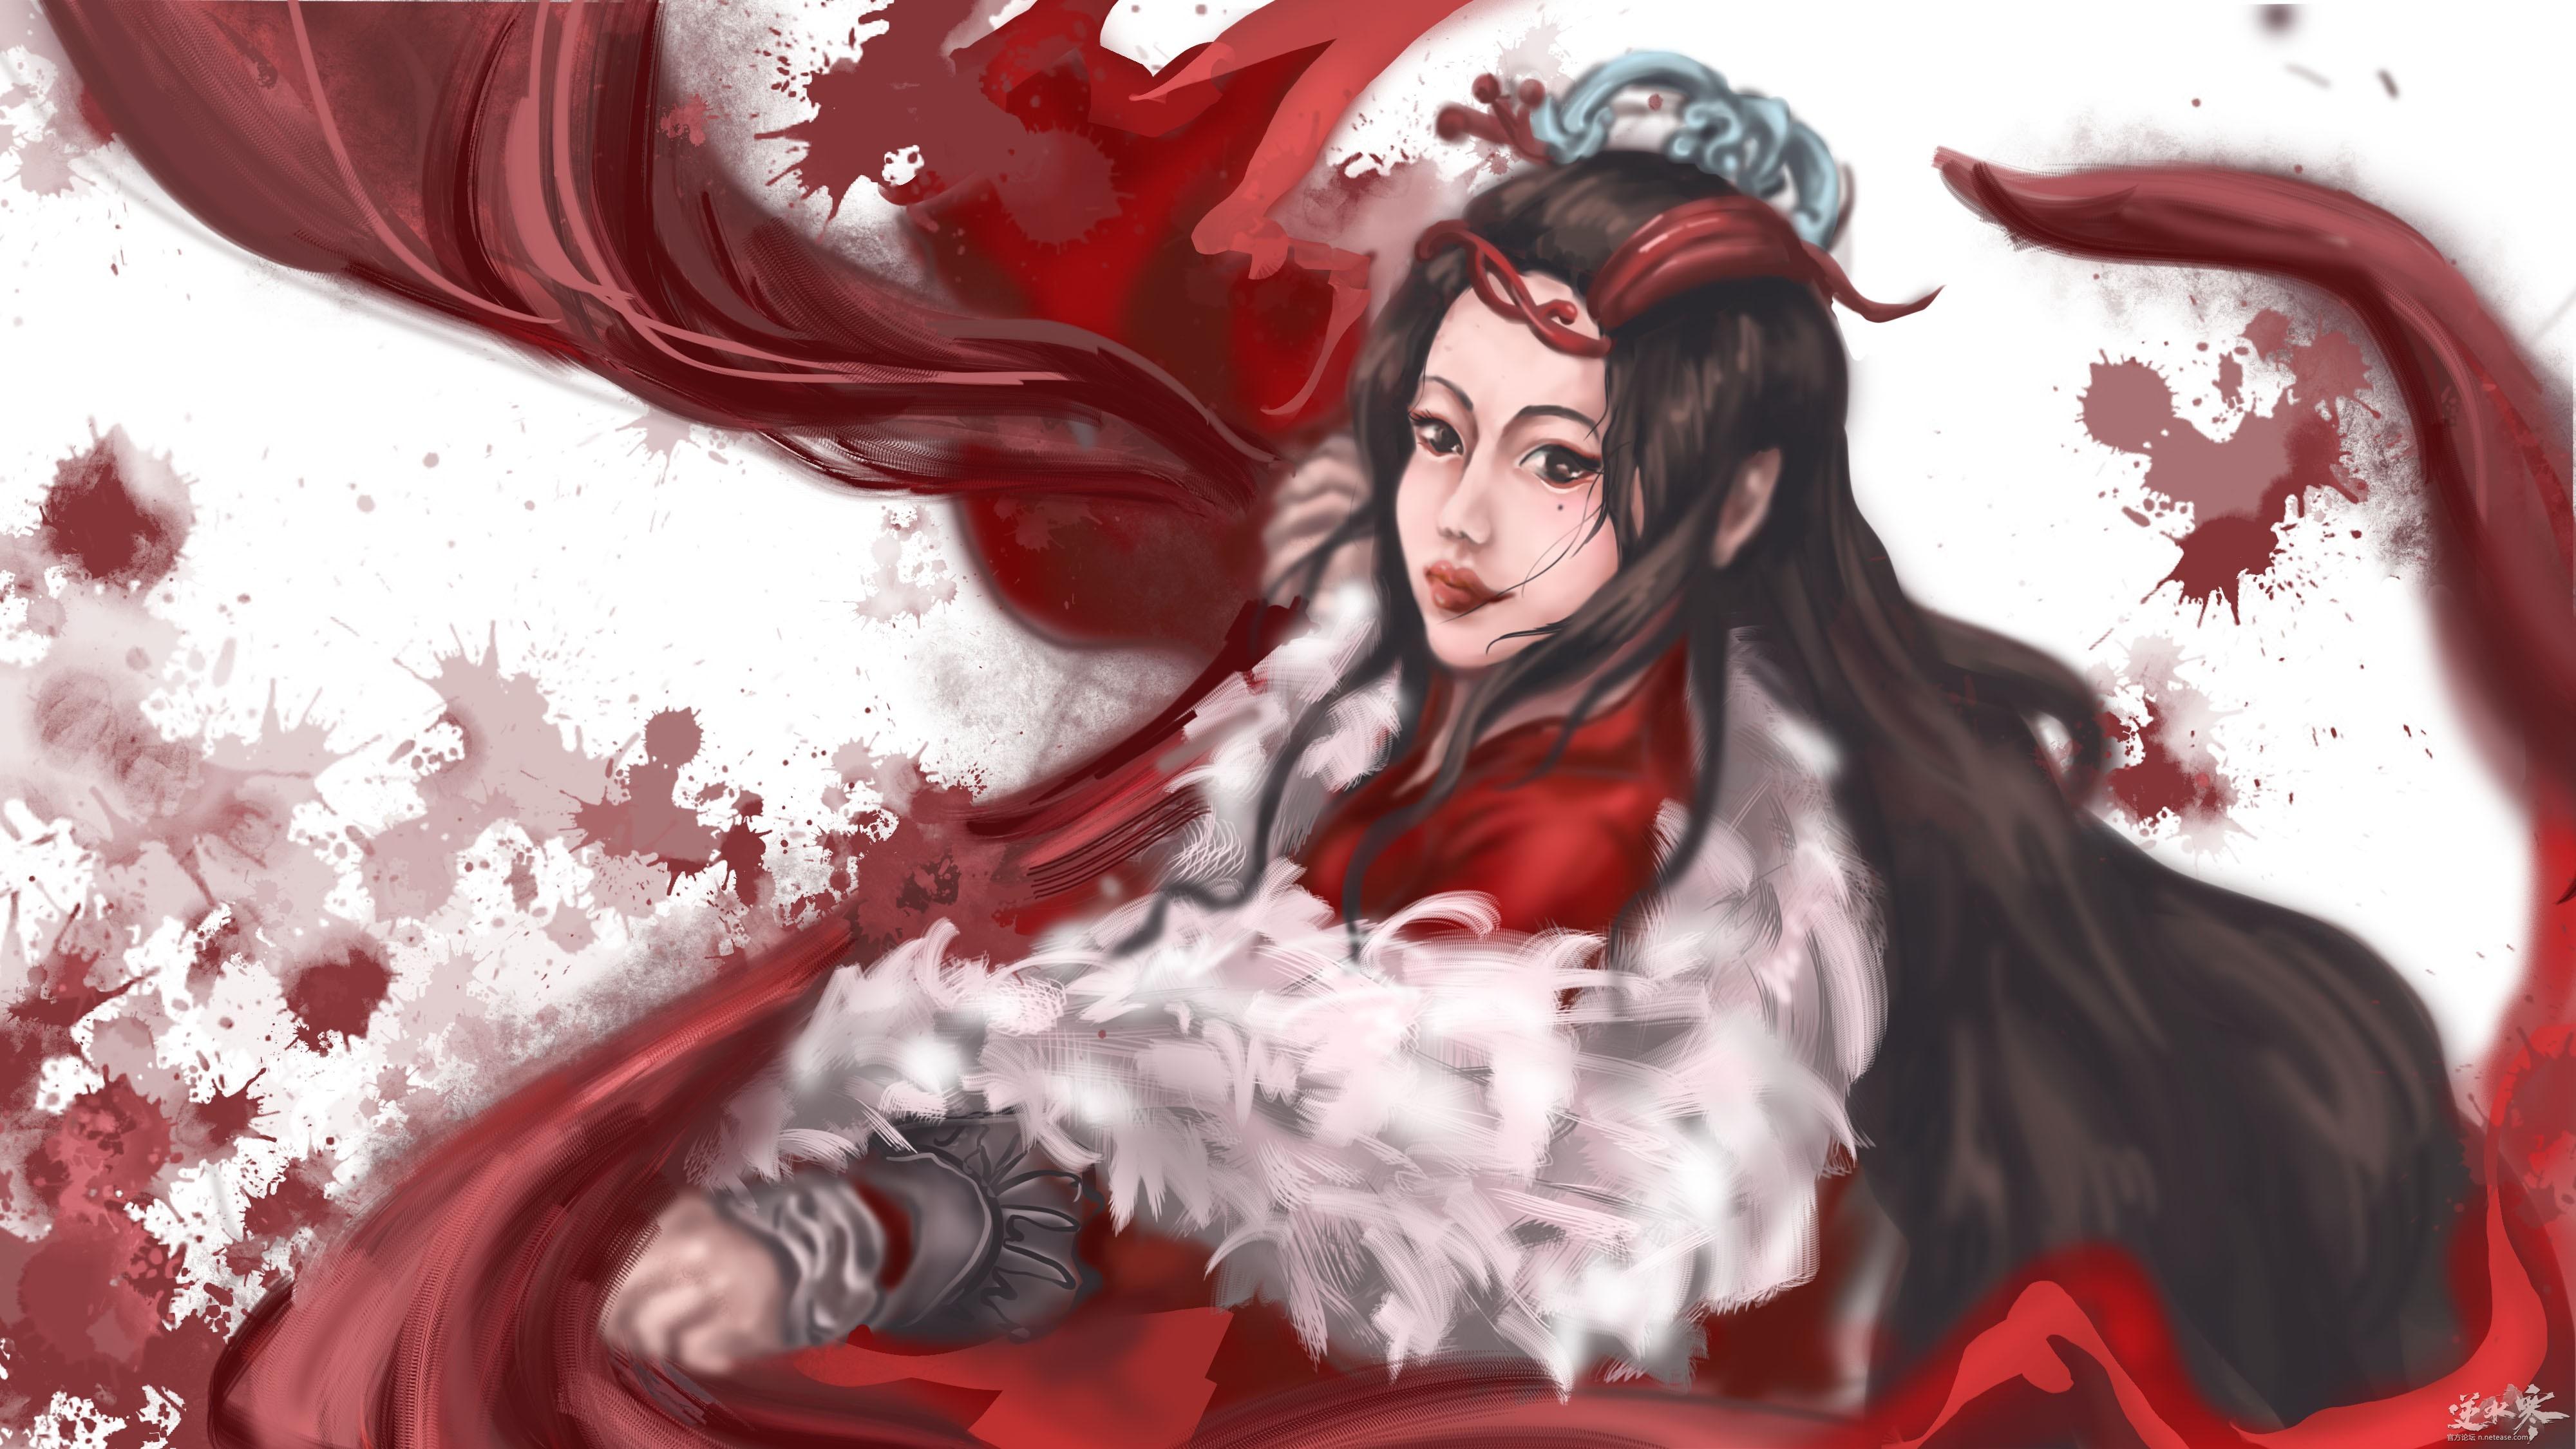 【自在门】【手绘】血红有泪